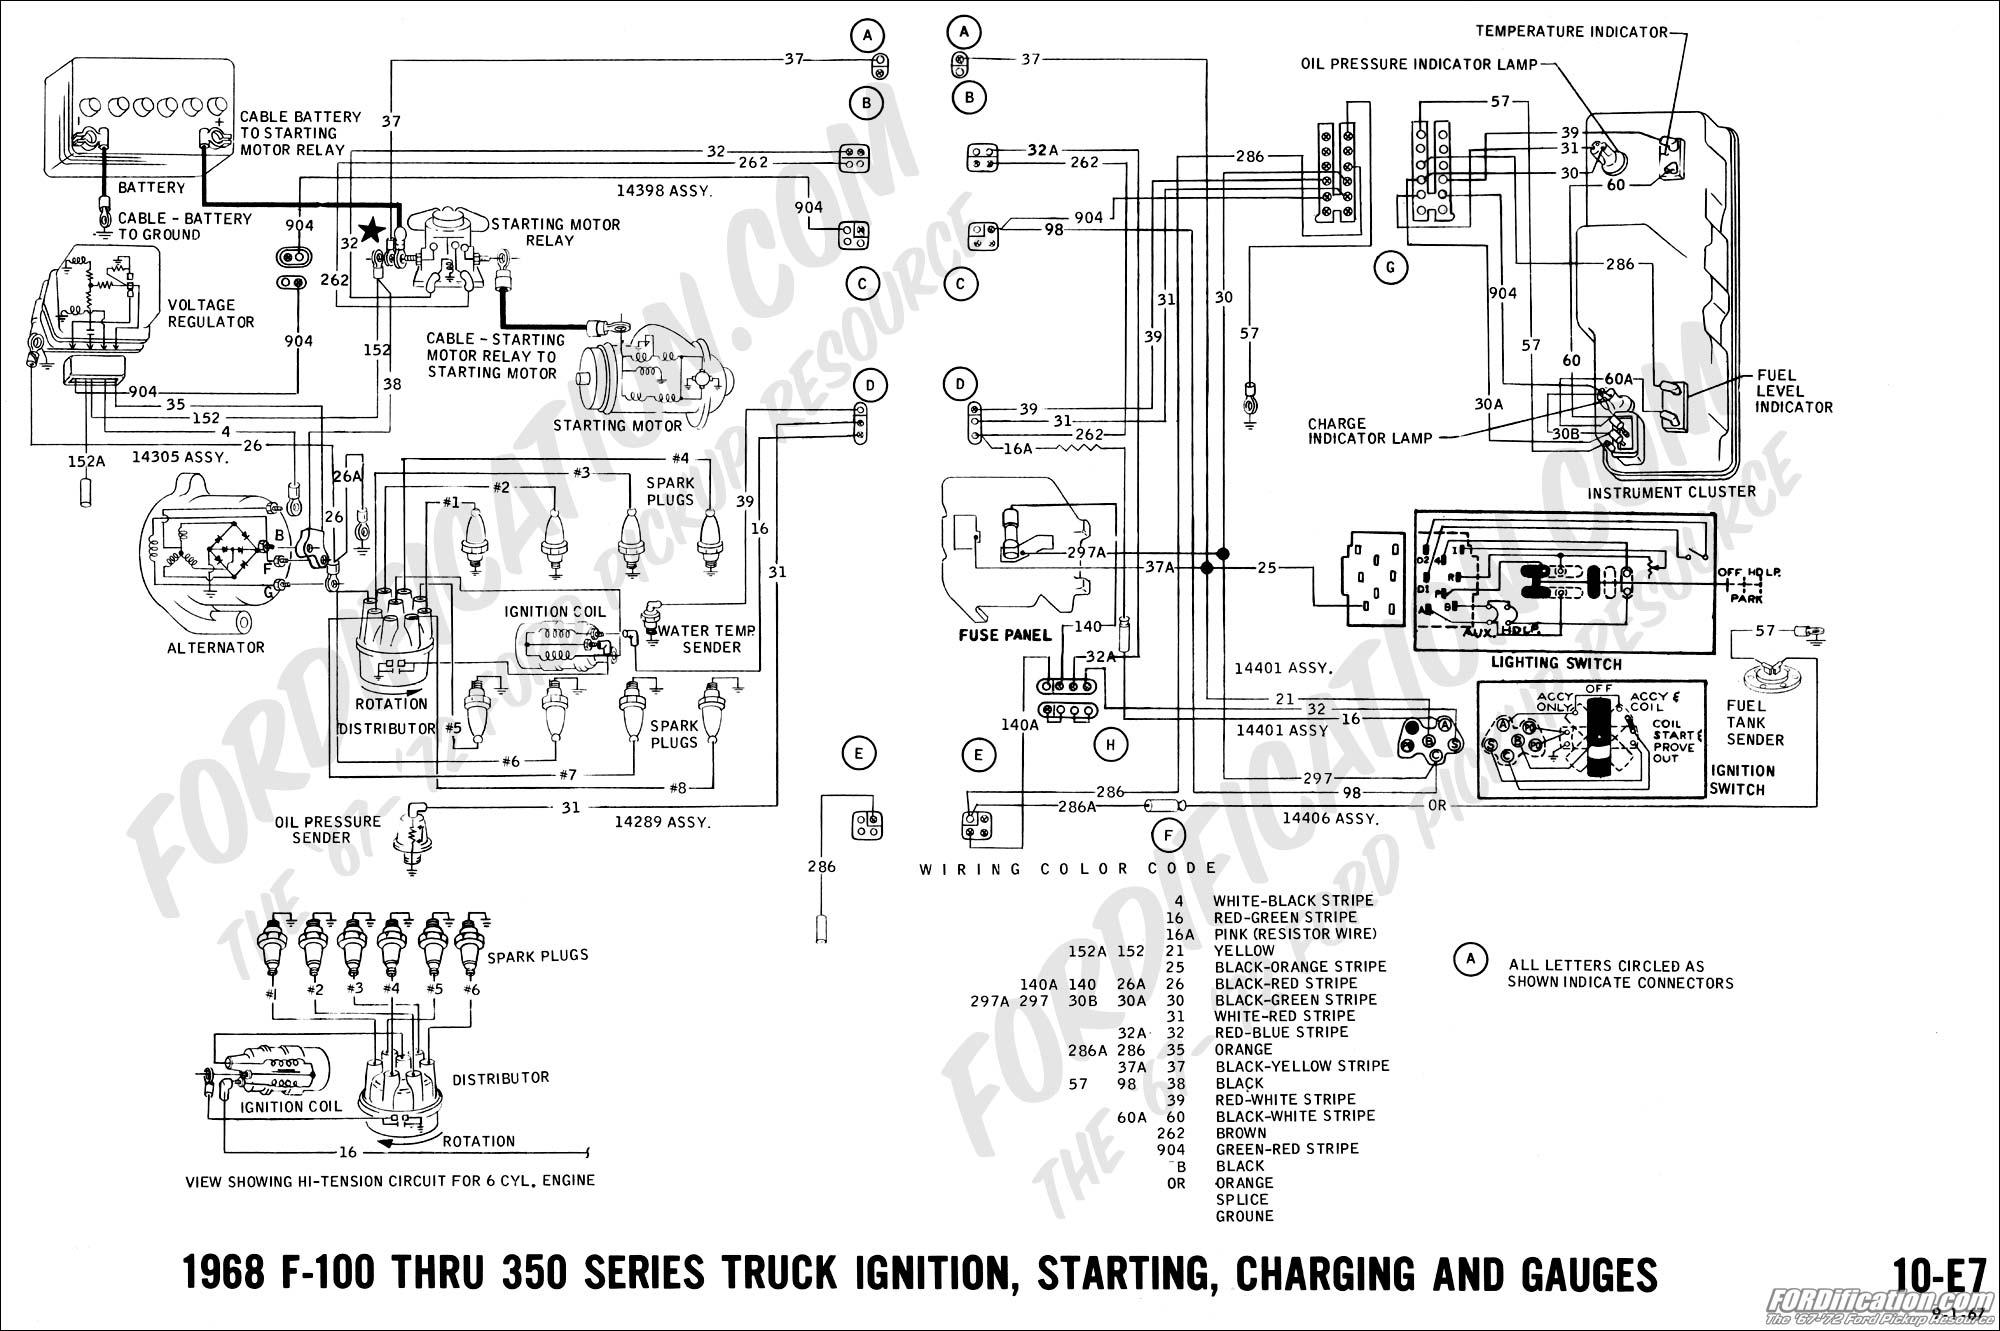 Best Image of Diagram John Deere L110 Wiring Schematic ... on john deere 316 wiring-diagram, john deere 4020 starter wiring, john deere 100 accessories, john deere 145 wiring-diagram, john deere 100 engine, john deere 2010 wiring schematic, john deere 212 wiring-diagram, john deere 1010 wiring-diagram, john deere 133 wiring-diagram, john deere gator 4x2 engine diagram, john deere 116 wiring-diagram, john deere 100 tires, john deere 214 wiring-diagram, john deere 1010 wiring schematic, john deere 155c wiring-diagram, john deere 140 electrical diagram, john deere 4300 wiring-diagram, john deere 240 wiring-diagram, john deere 2210 electrical diagrams, john deere 100 oil filter,